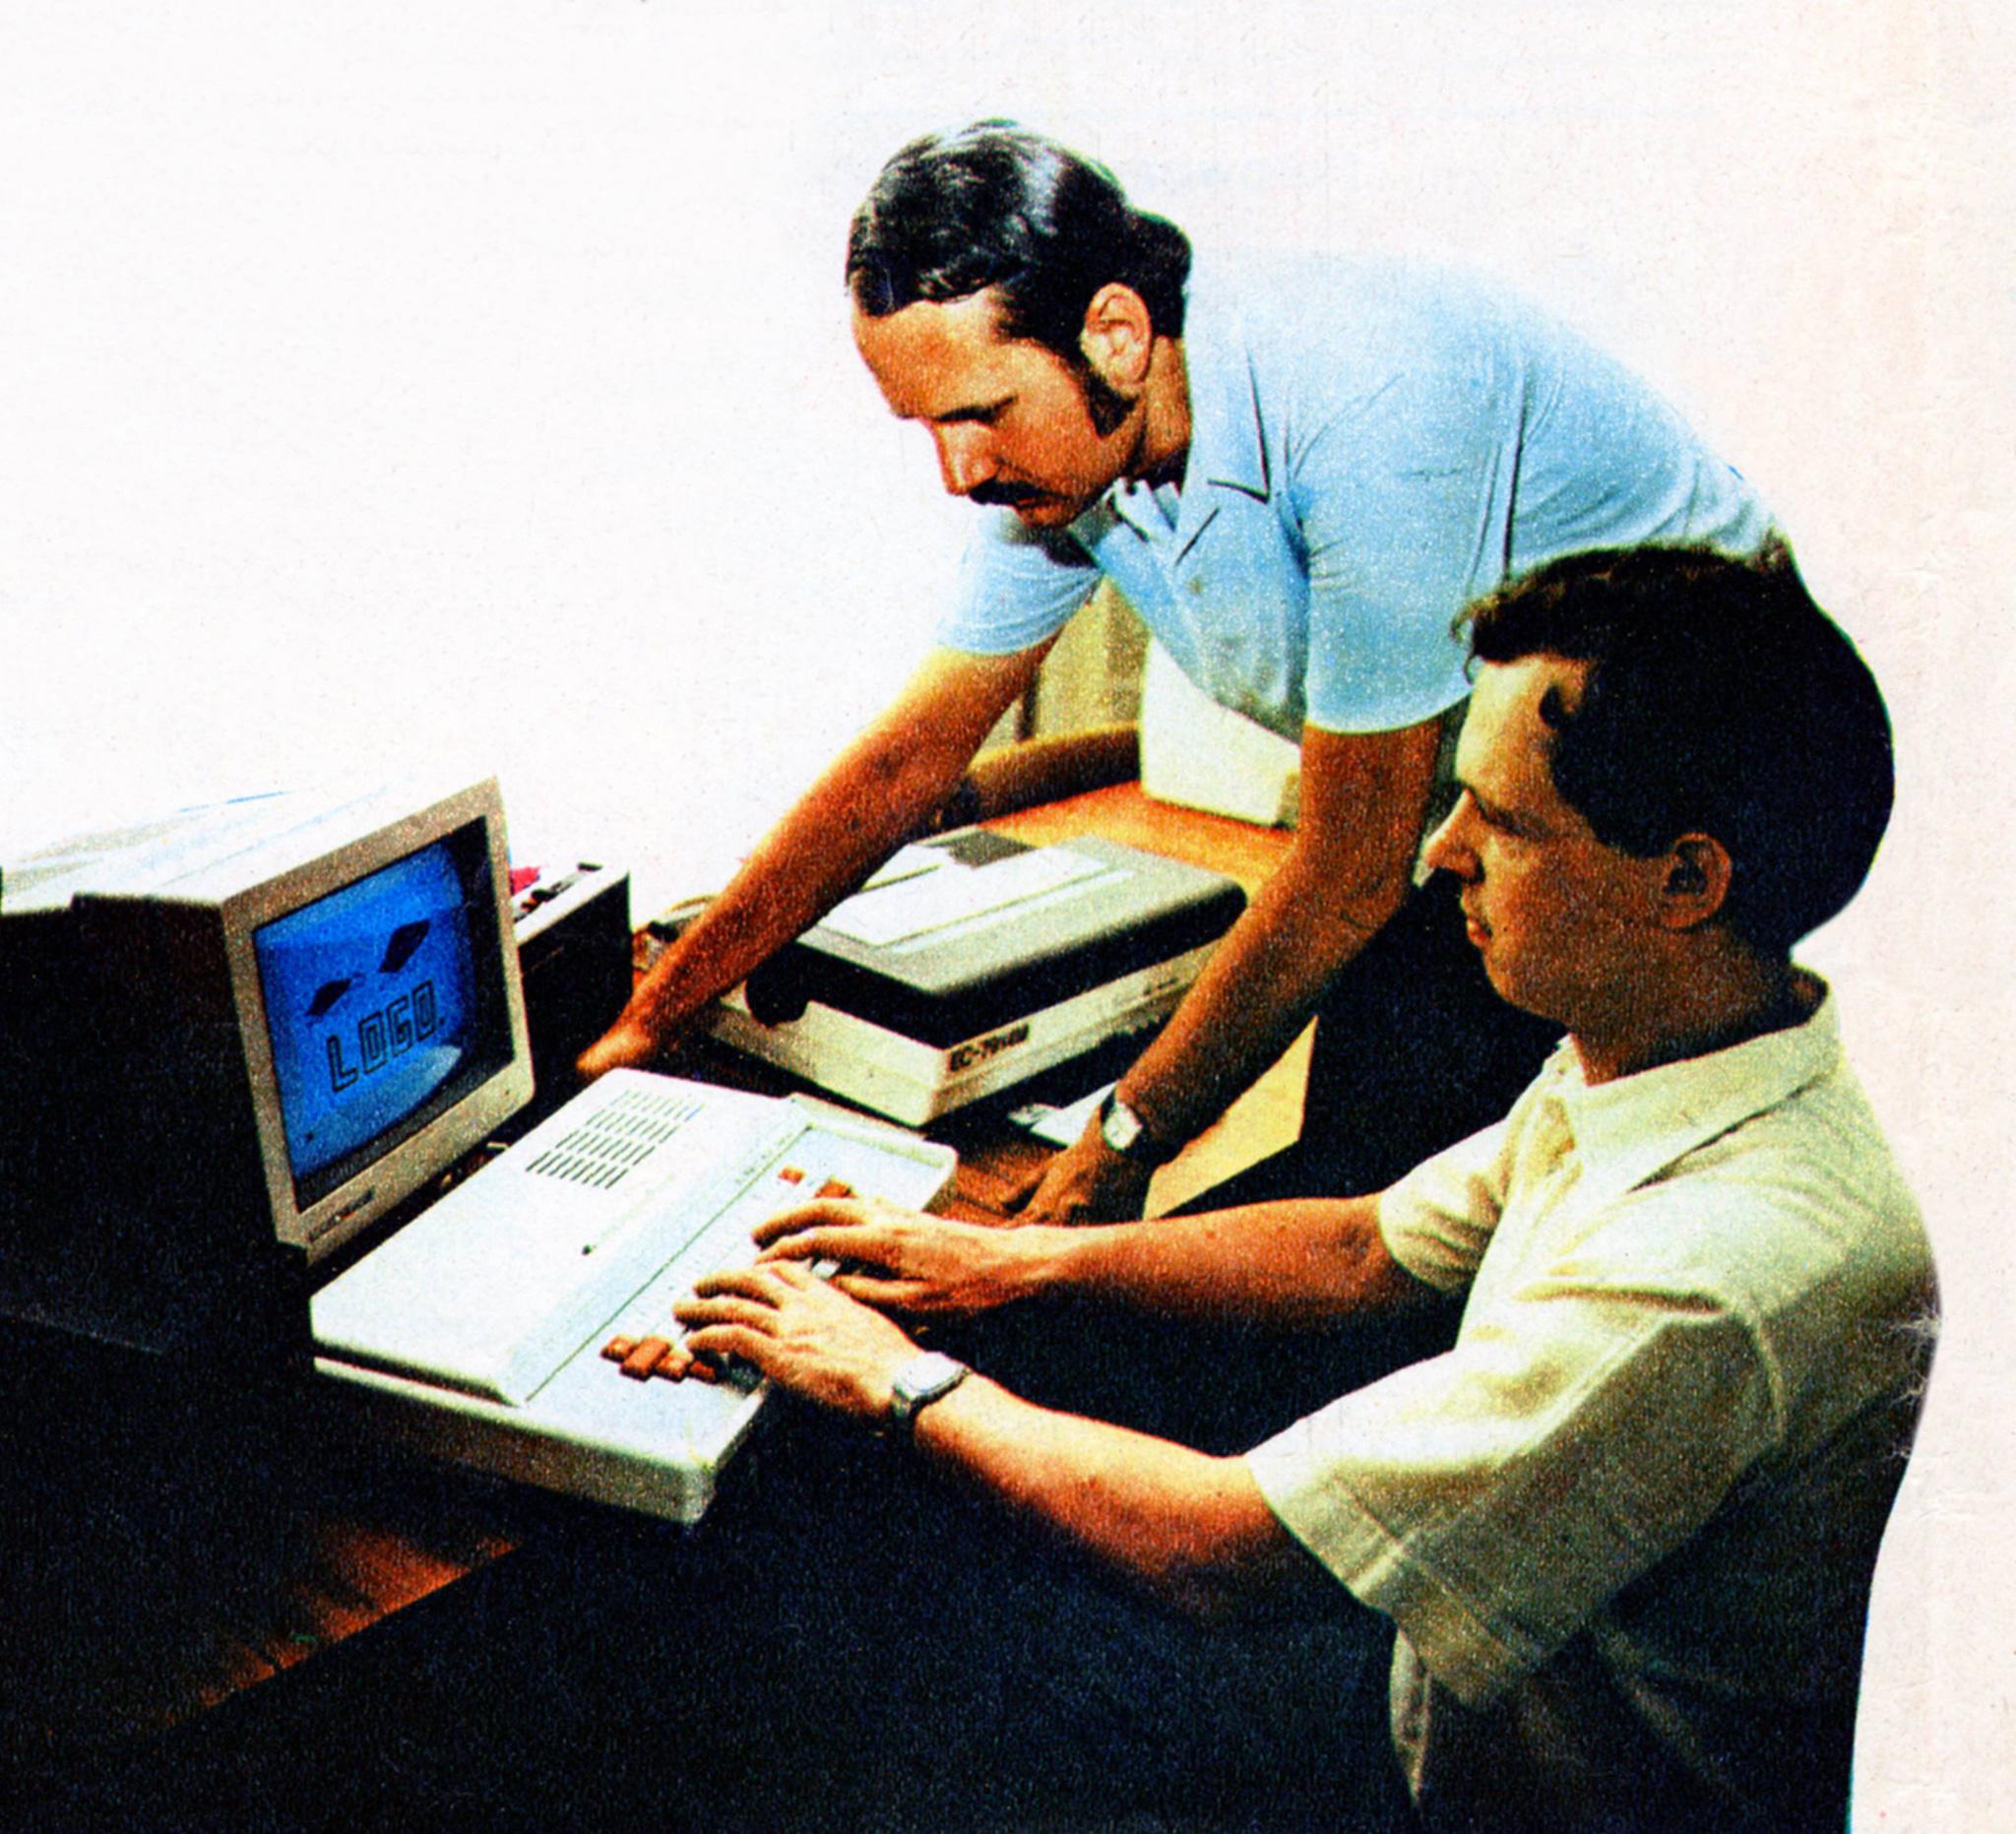 Jan Węglarz iWojciech Cellary przy prototypie ELWRO 800 Junior, anaekranie LOGO zkultowym żółwiem